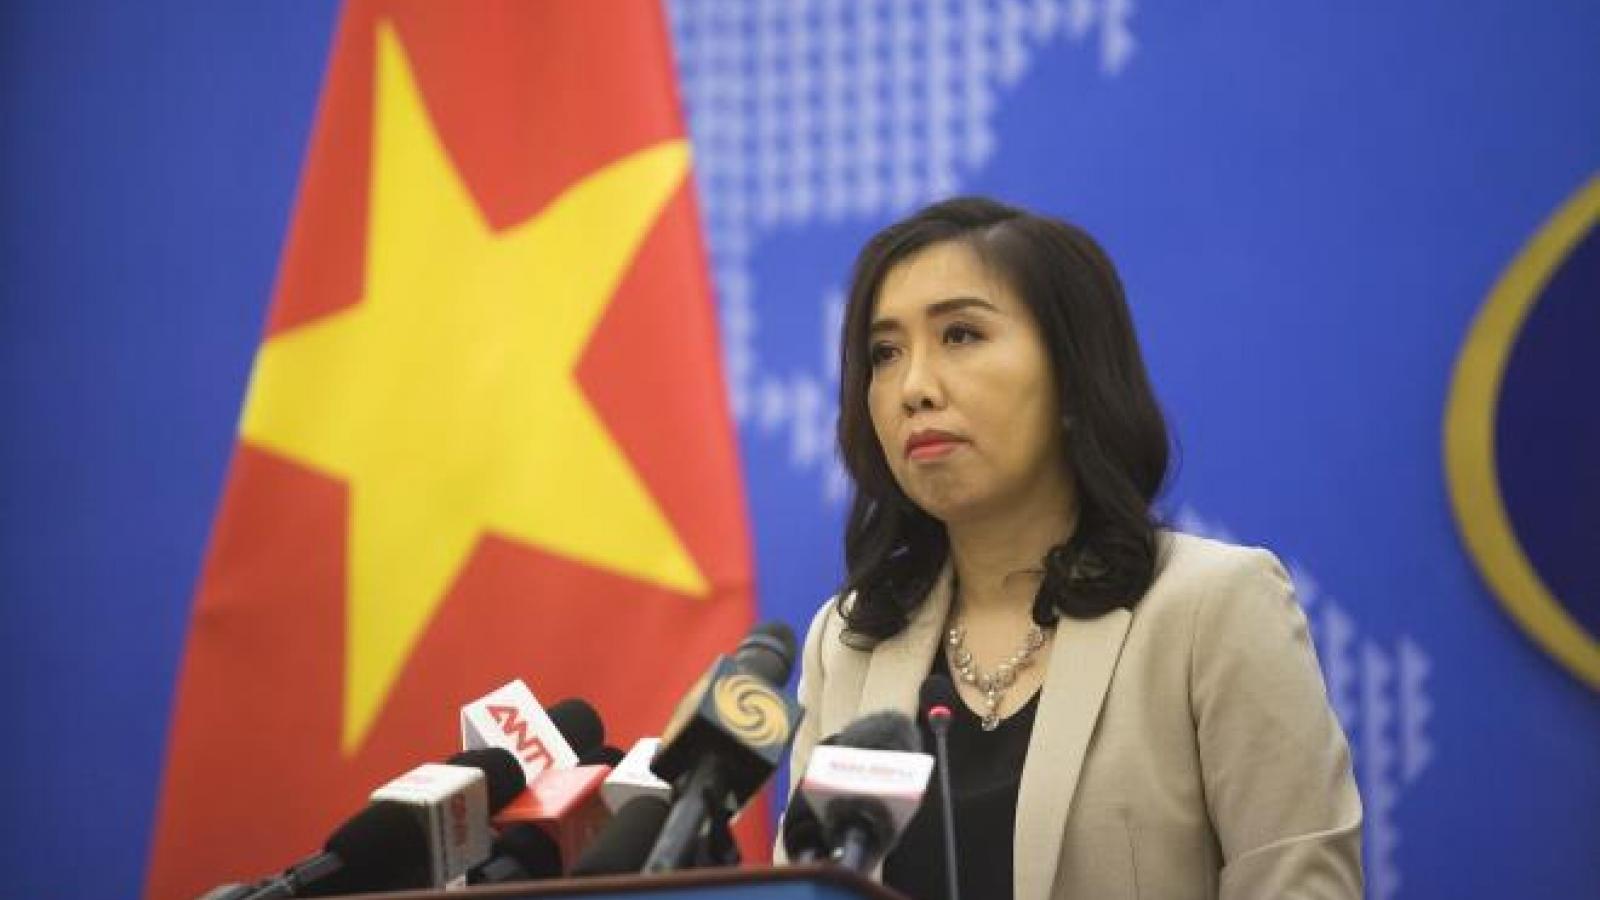 Bộ Ngoại giao thông tin việc ĐSQ Mỹ đăng bản đồ Việt Nam không có Hoàng Sa, Trường Sa